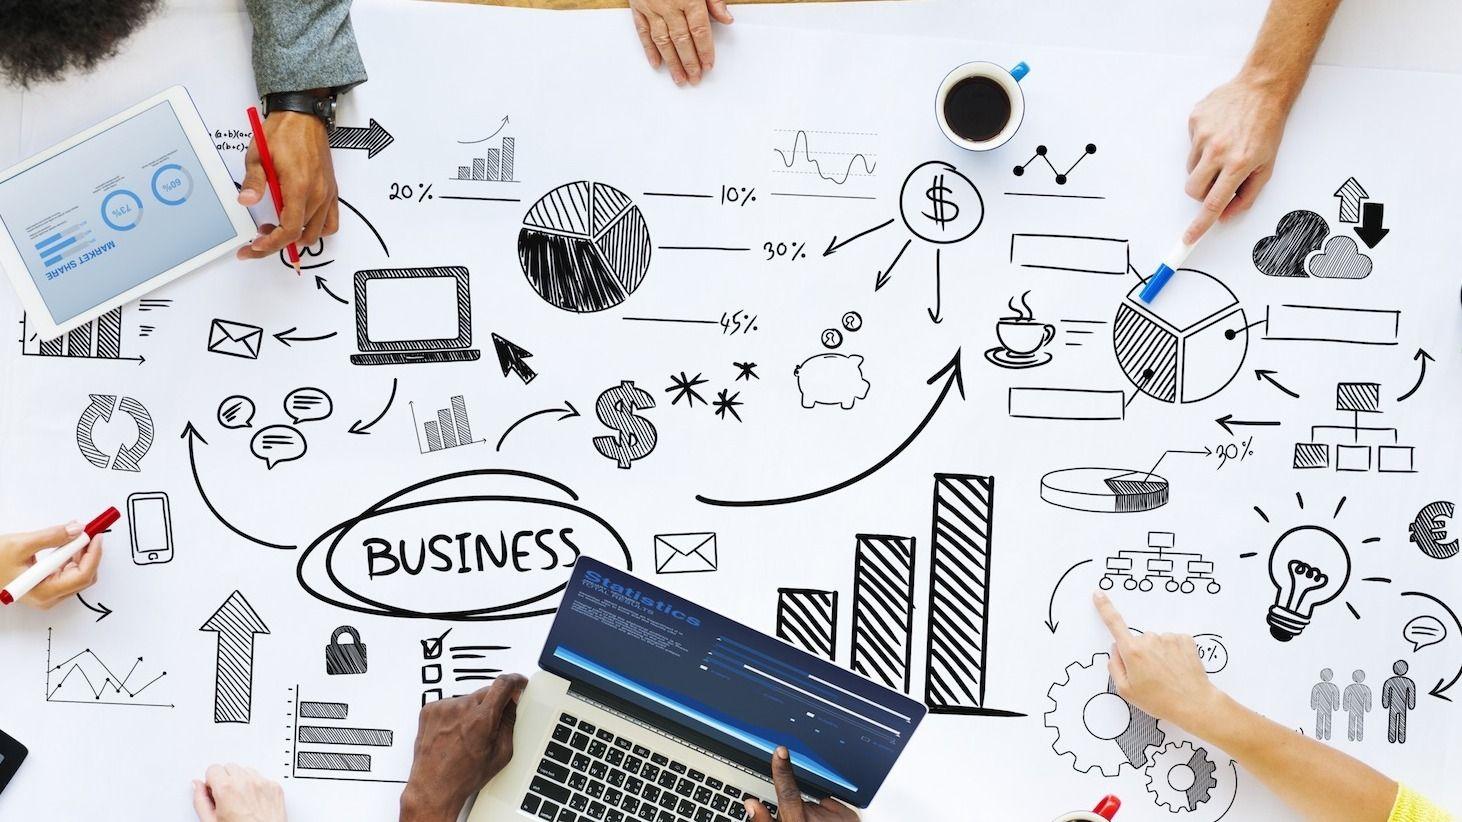 بهترین مدل های کسب و کار برای استارتاپ ها ( معرفی 19 مدل ) - اکوموتیو